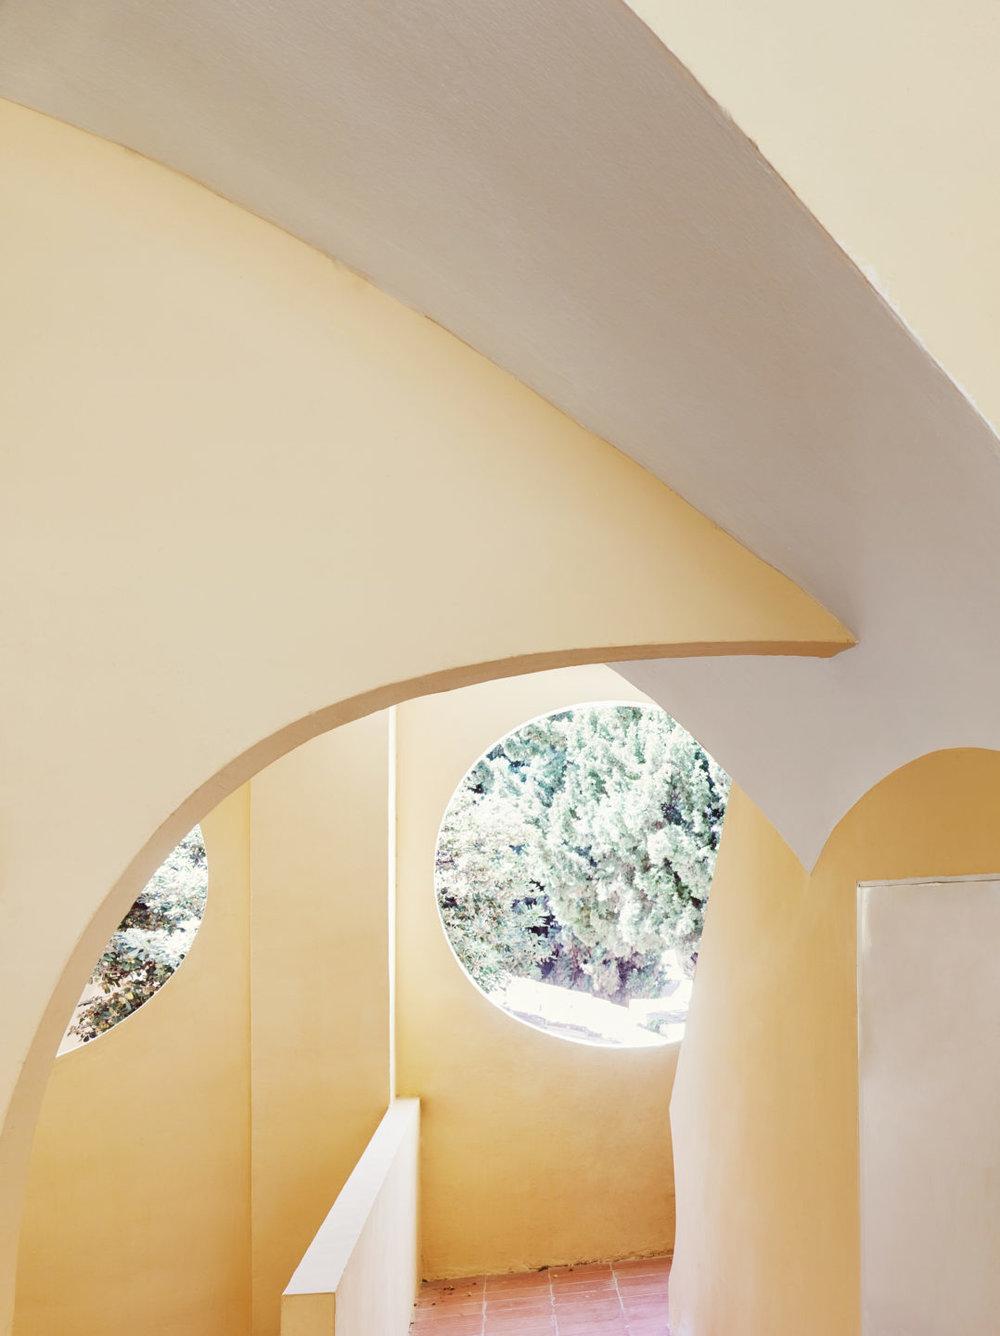 xanadu_calpe_spain_ricardo_bofill_taller_arquitectura_14b-1078x1440.jpg